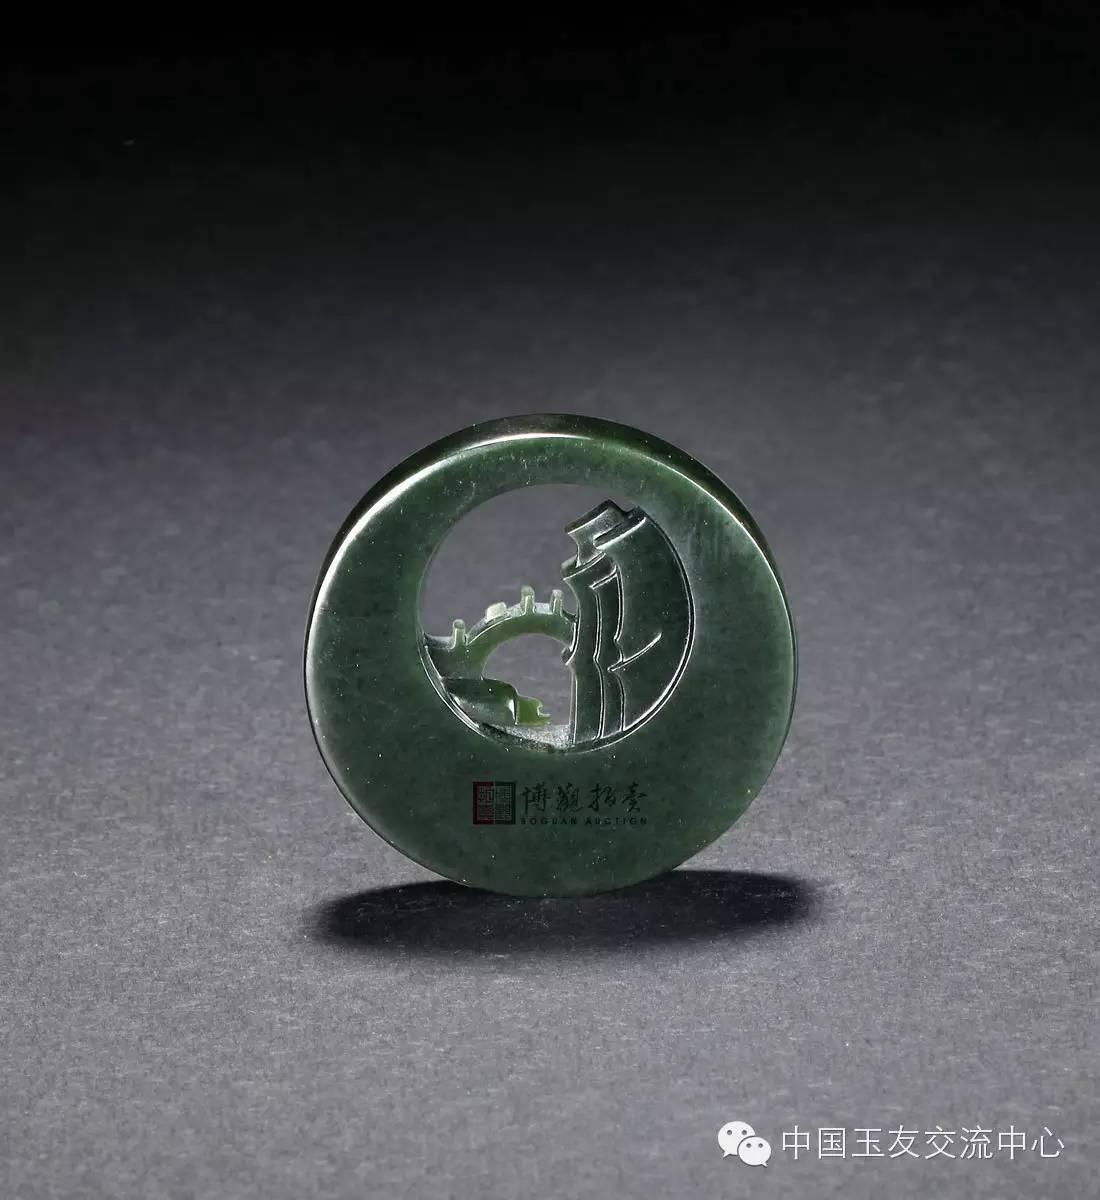 中国玉石雕刻大师杨曦作品欣赏